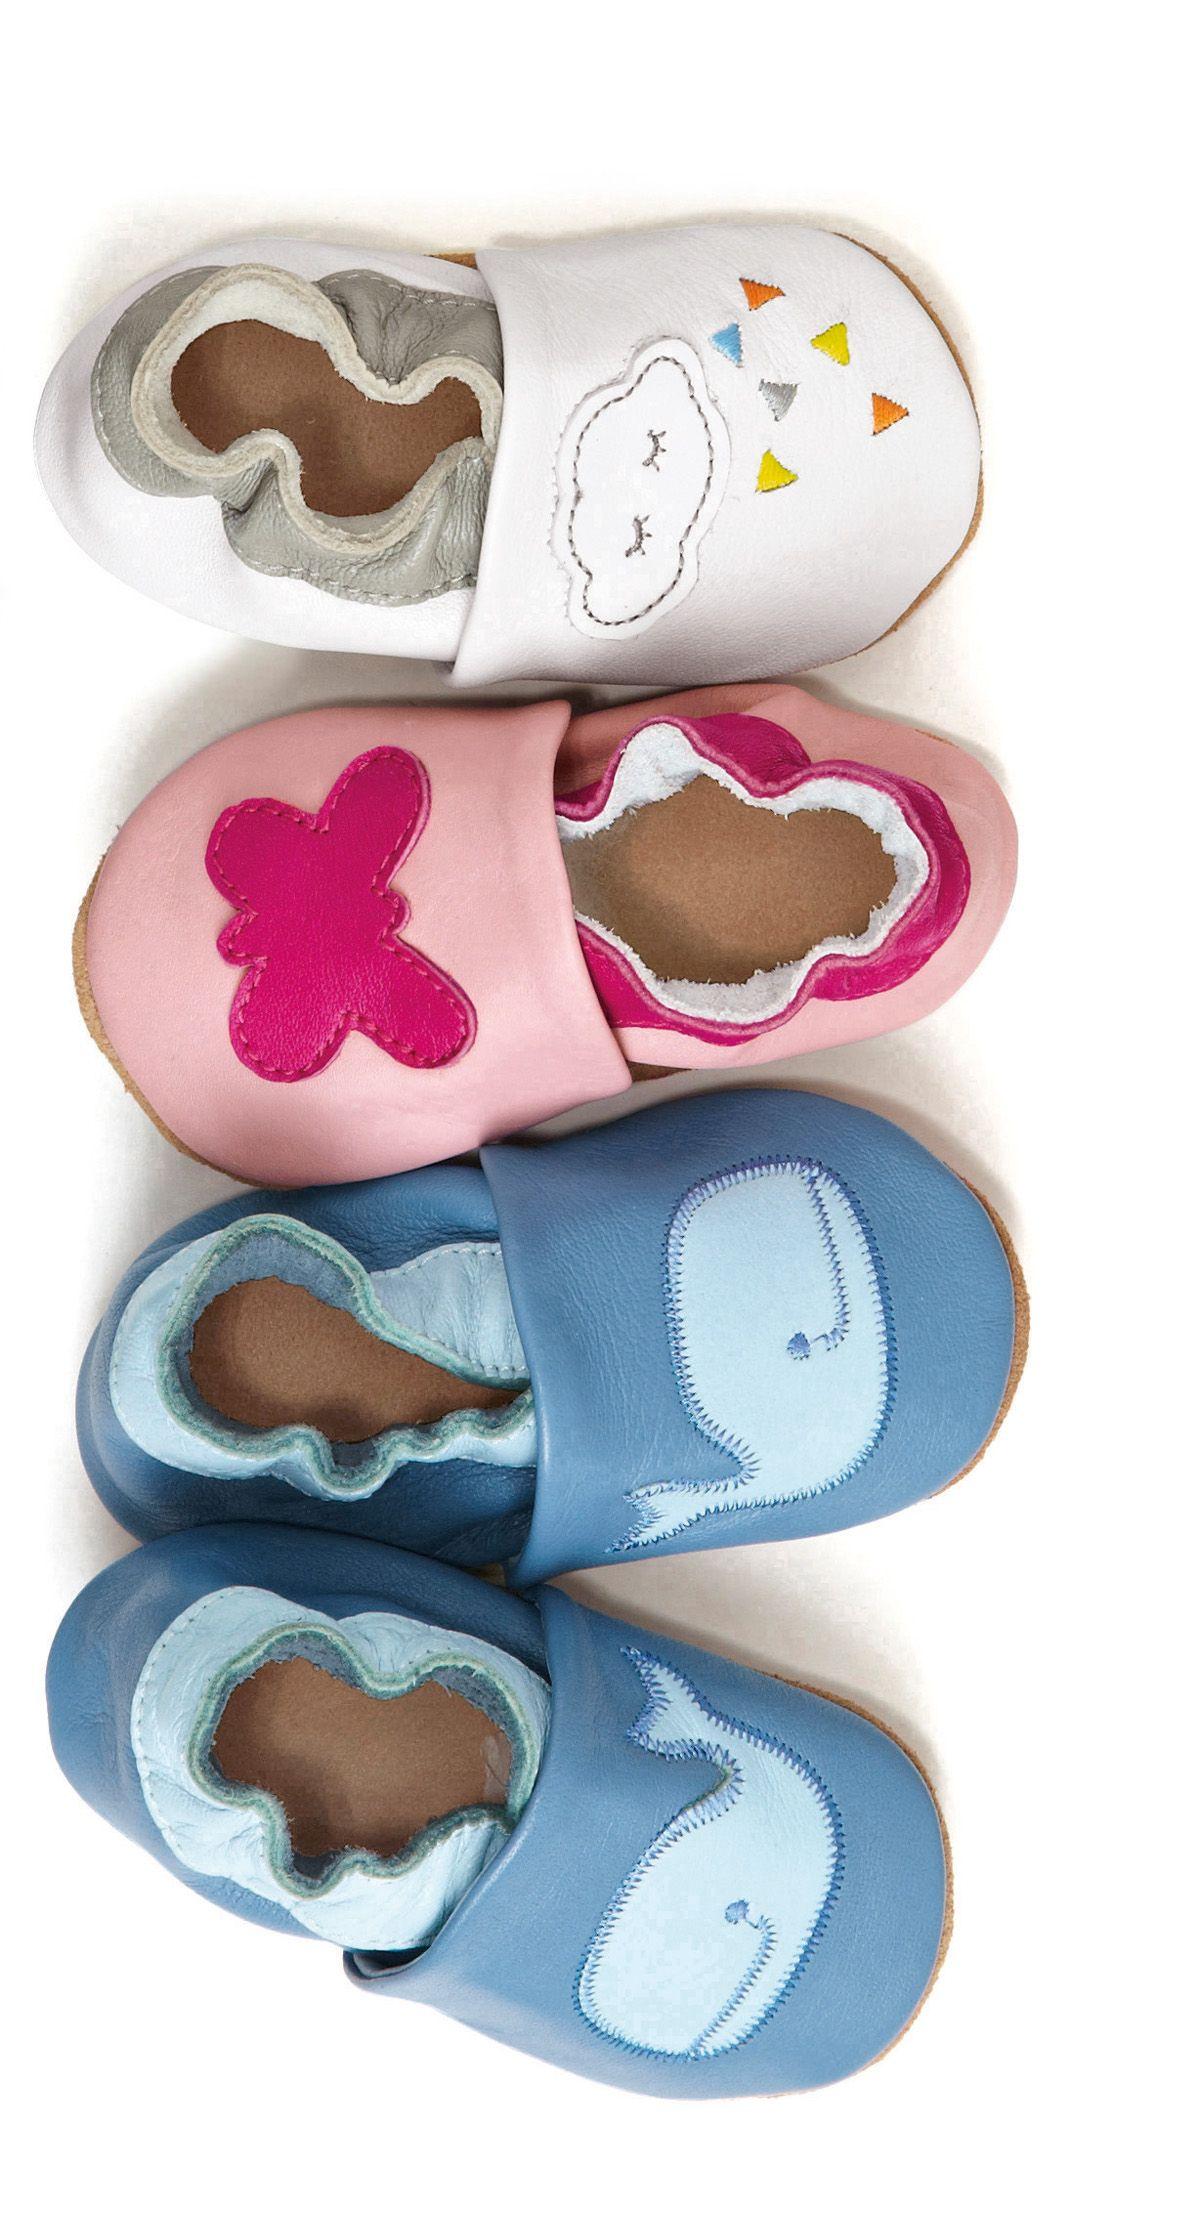 7c7f05784a9ee Les chaussons en cuir souple bébé. Collection Printemps-Eté 2016 - www. vertbaudet.fr